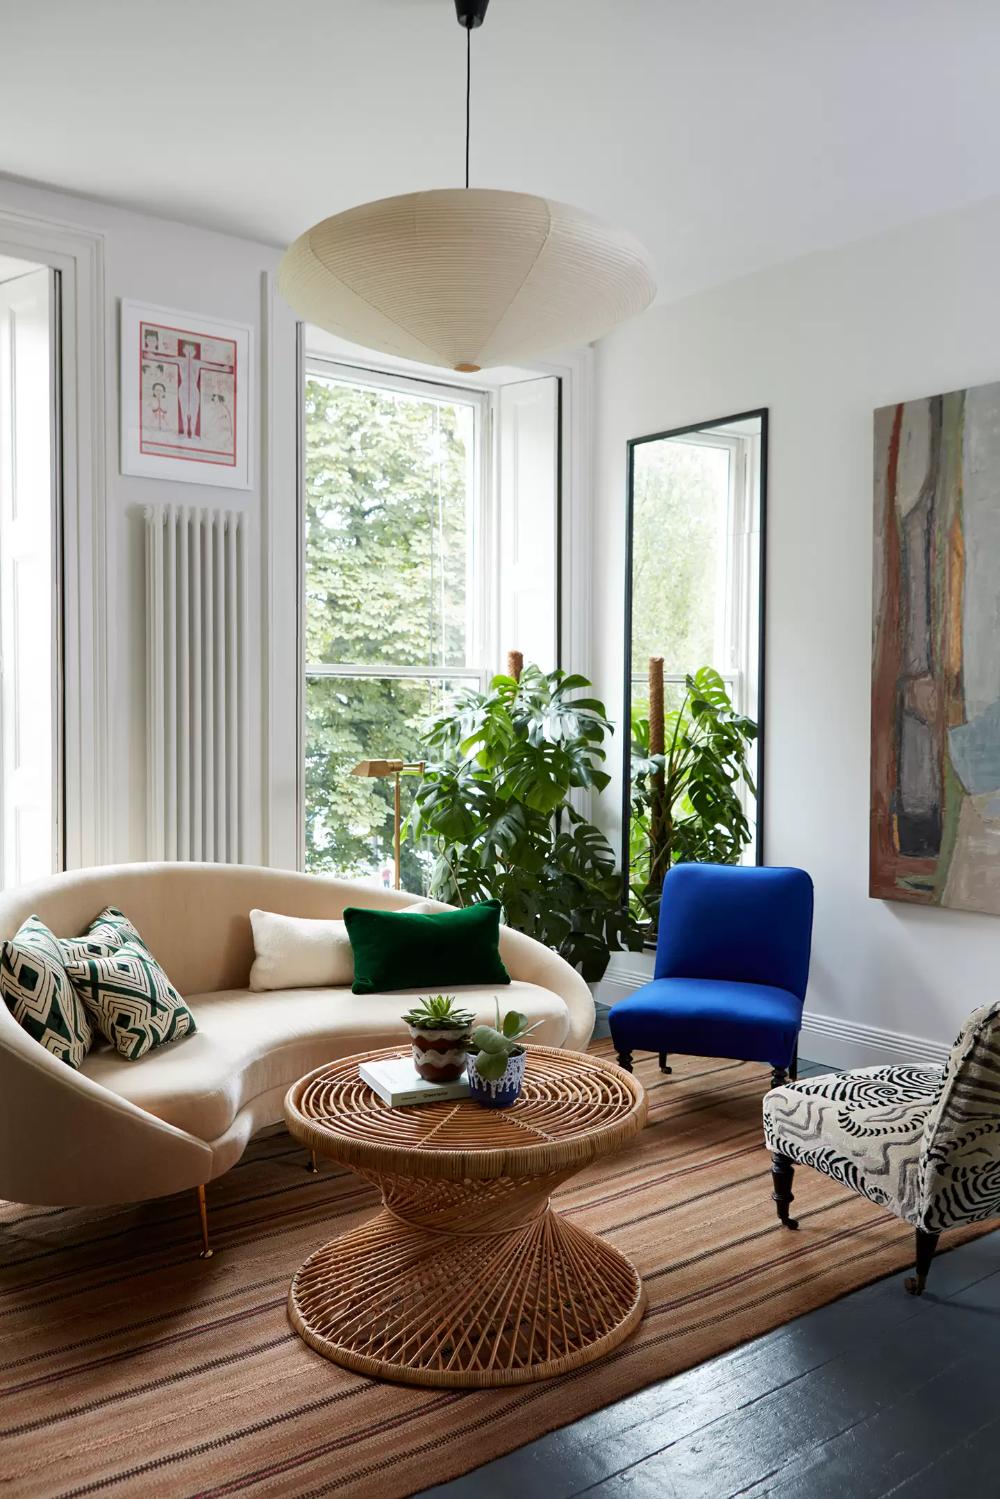 Beste DIY Dekoration Jugendzimmer 57+ Ideen